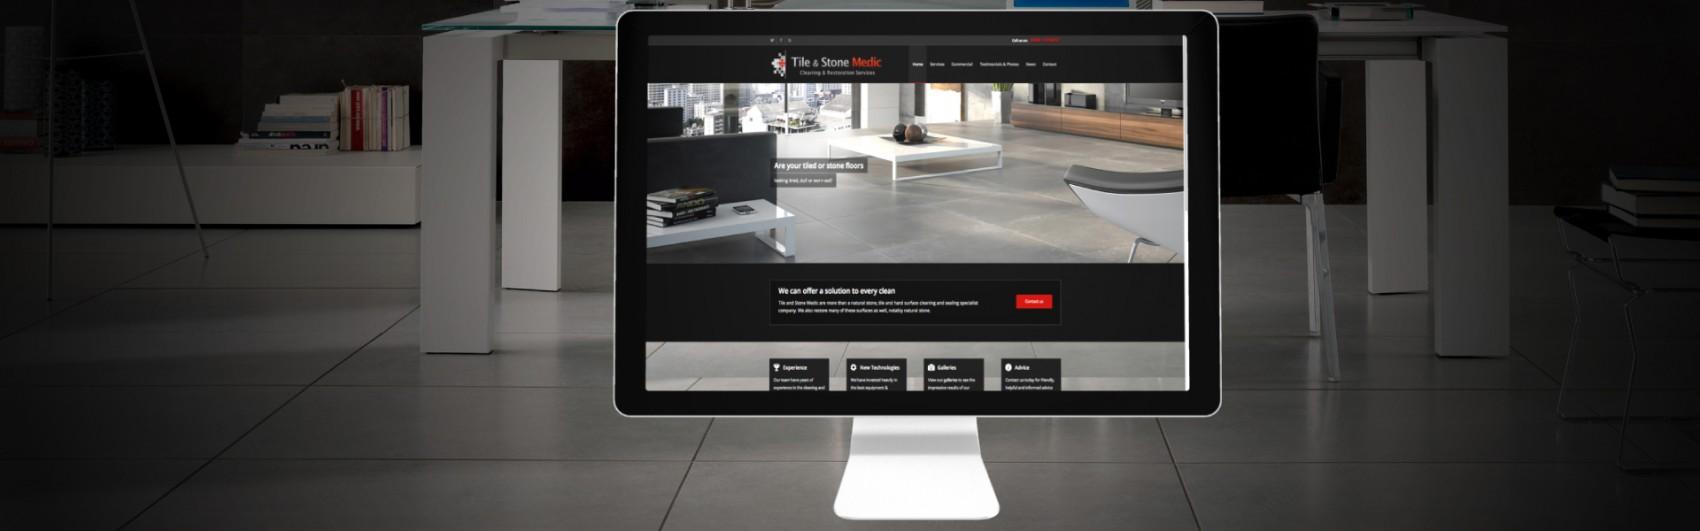 portfolio new1 TSM e1435618571956 - Web design for interior design business